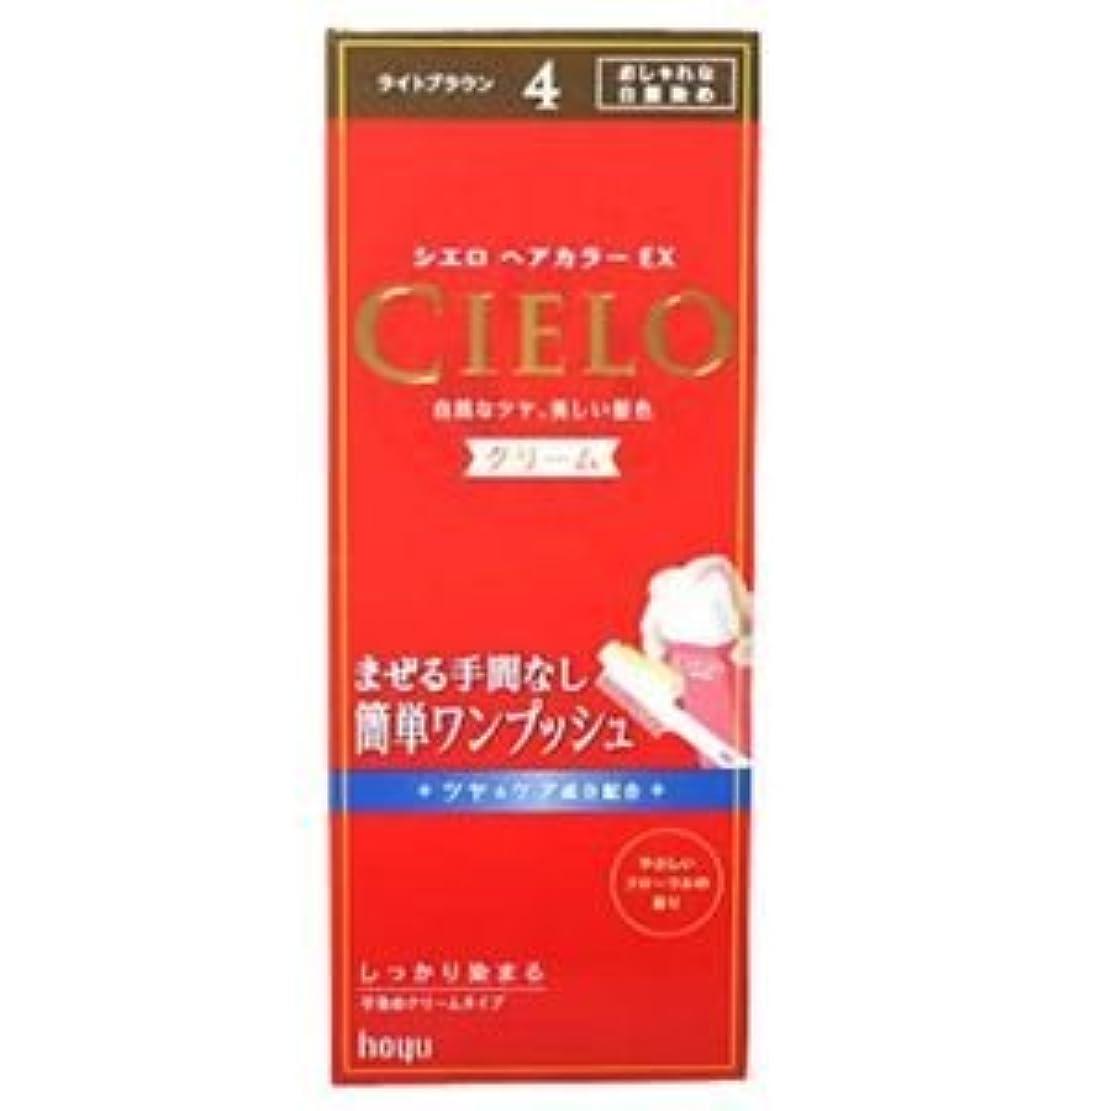 恩恵天窓アンタゴニストシエロ ヘアカラーEX クリーム4 (ライトブラウン) 7セット